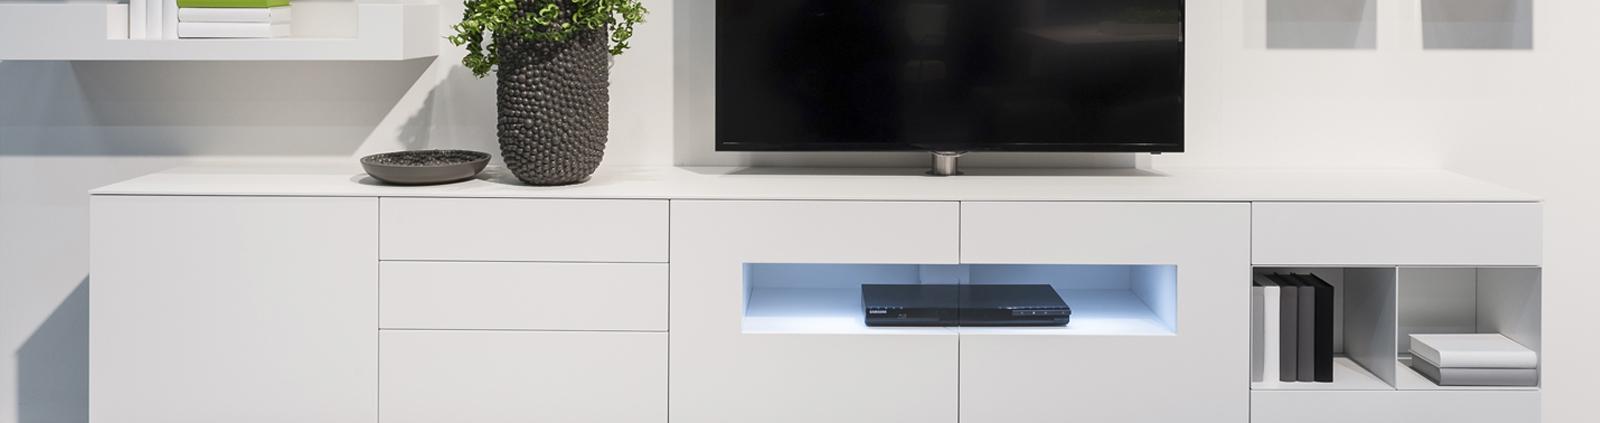 TV-meubel hoogglans wit Banner Image